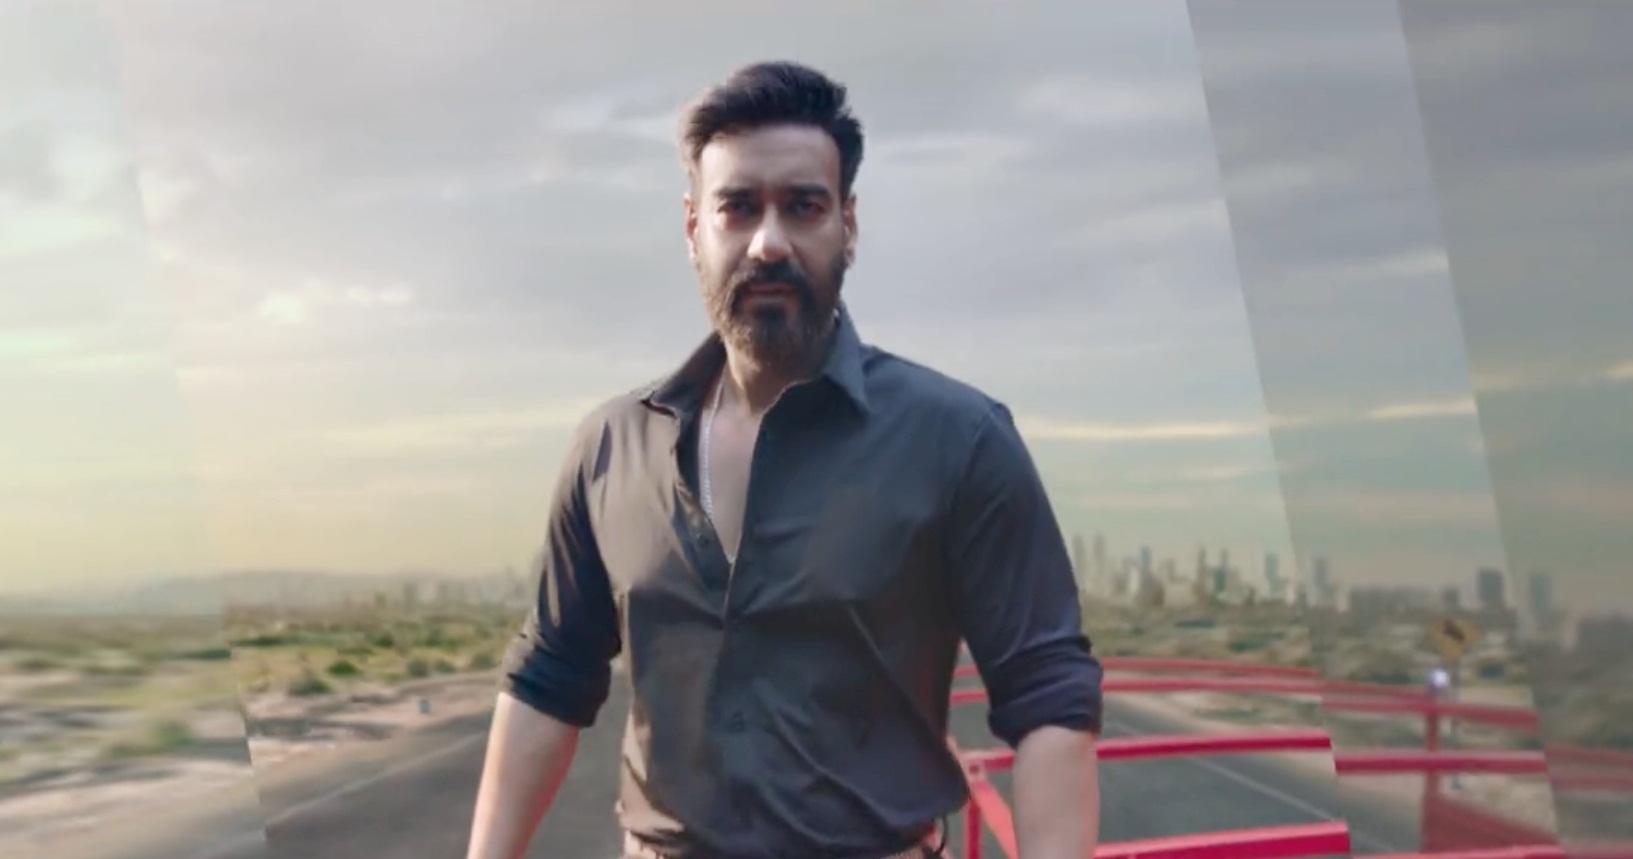 Anand Mahindra tweets Ajay Devgn's 'Phool Aur Kaante' stunt for ad